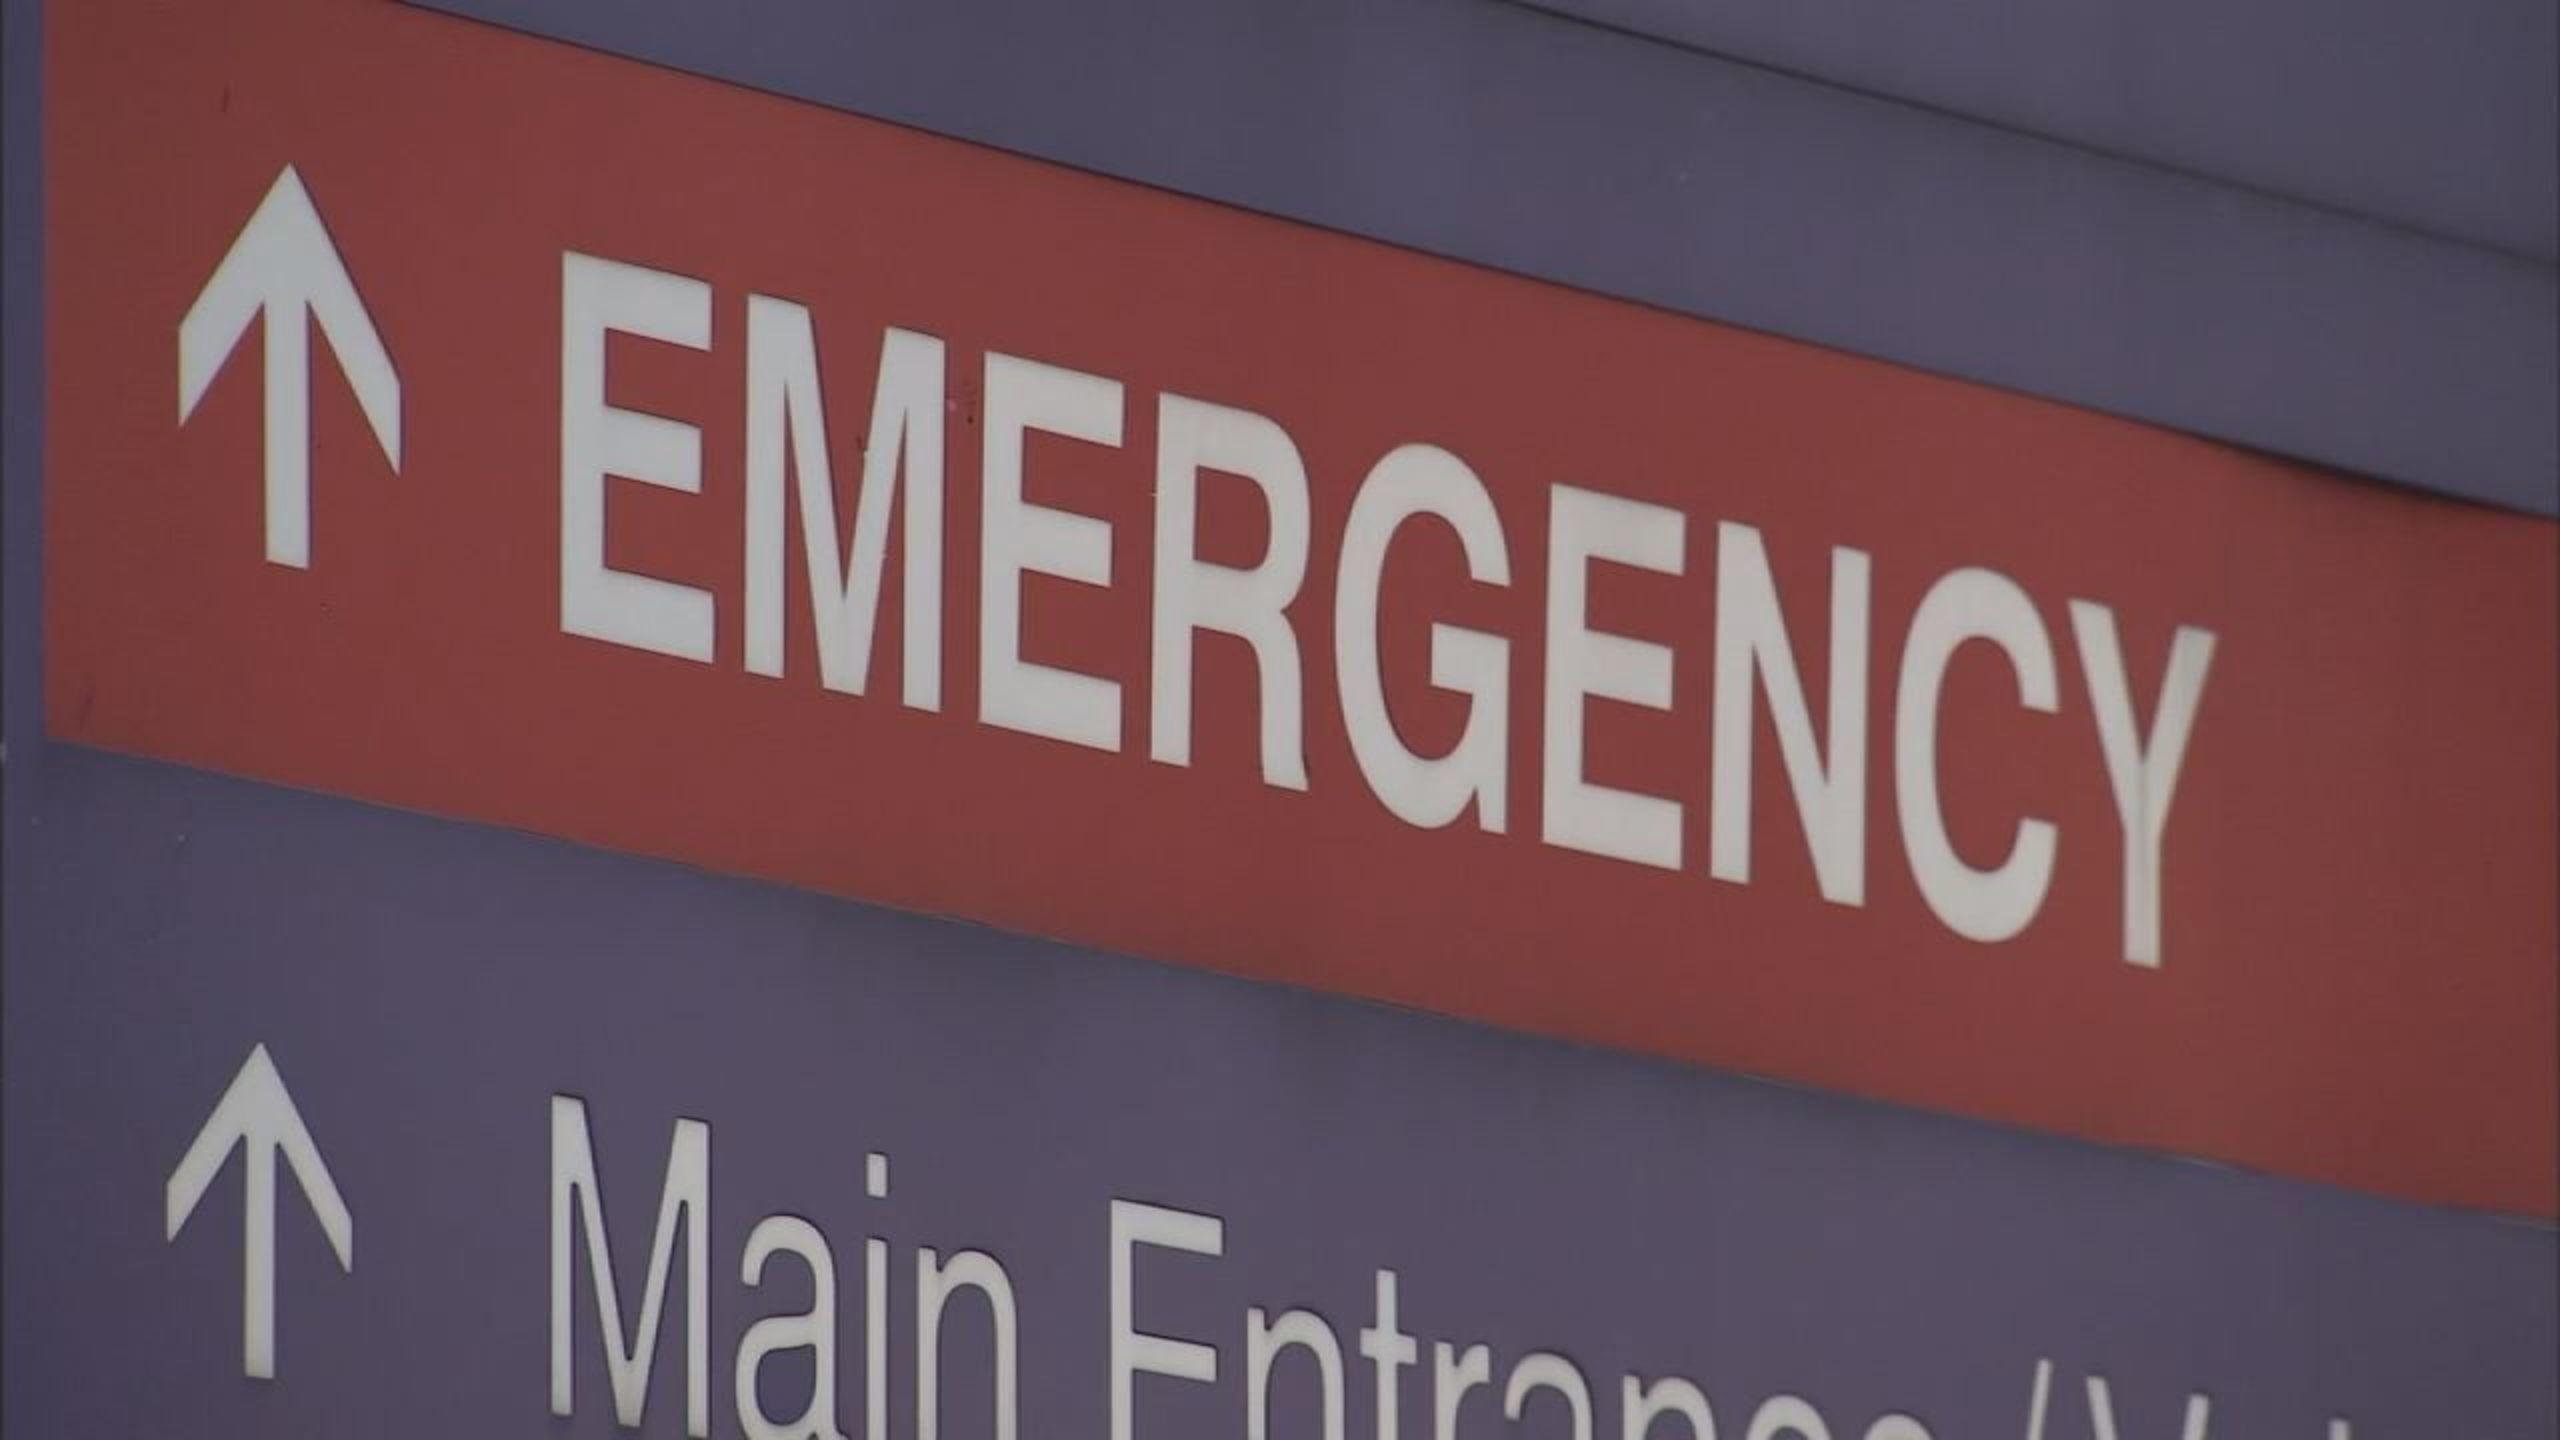 Two people found dead in Hemet motel room, carbon monoxide